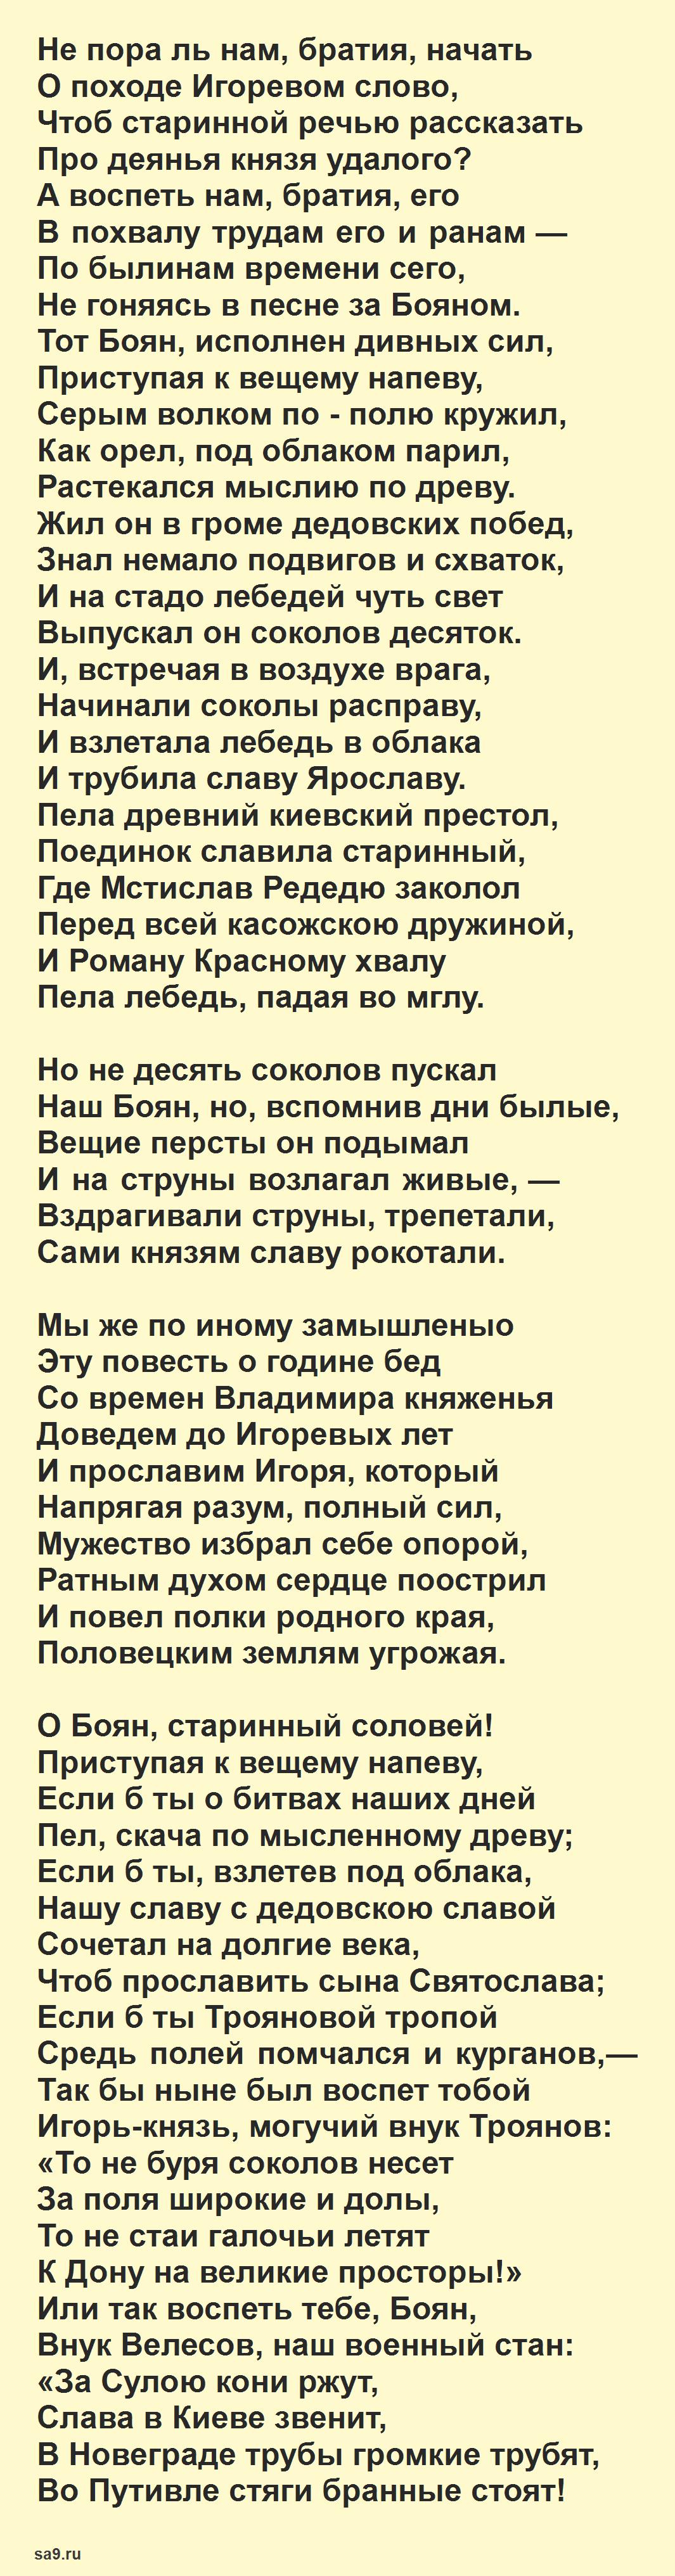 Слово о полку Игореве, Жуковский